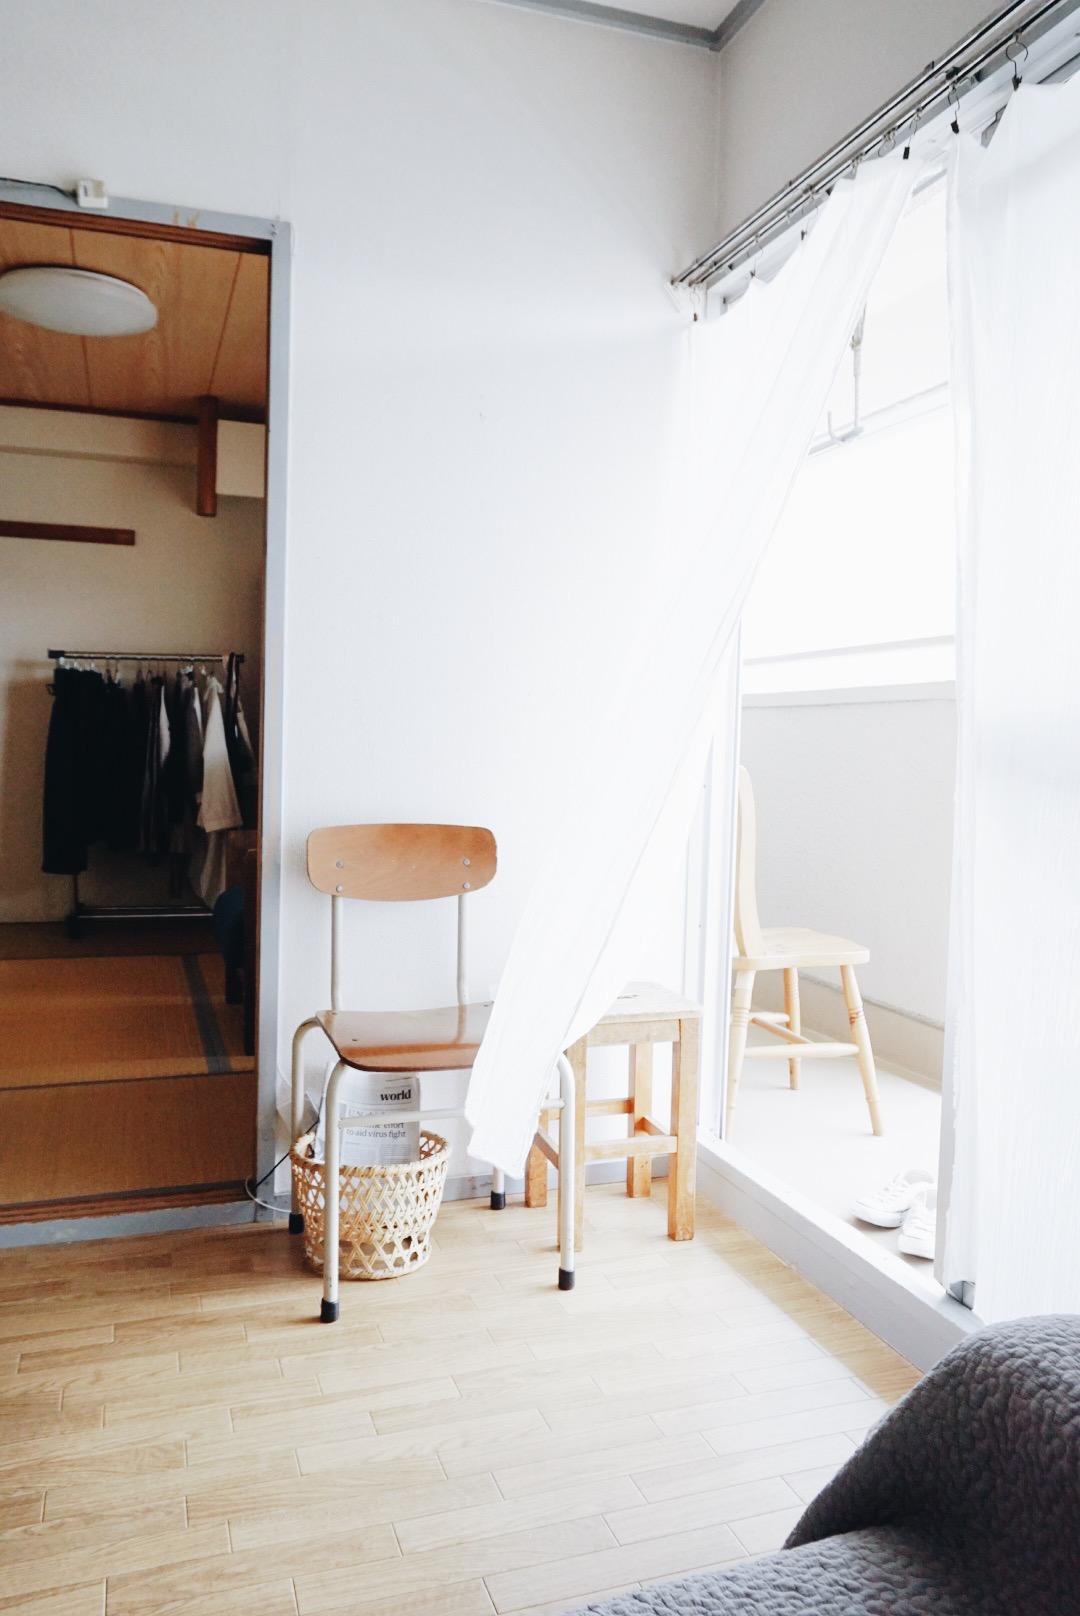 ただお気に入りのスツールや椅子を一脚、そっと置いておくだけでも絵になりますね。上に雑貨や植物を置いてもいいですね。